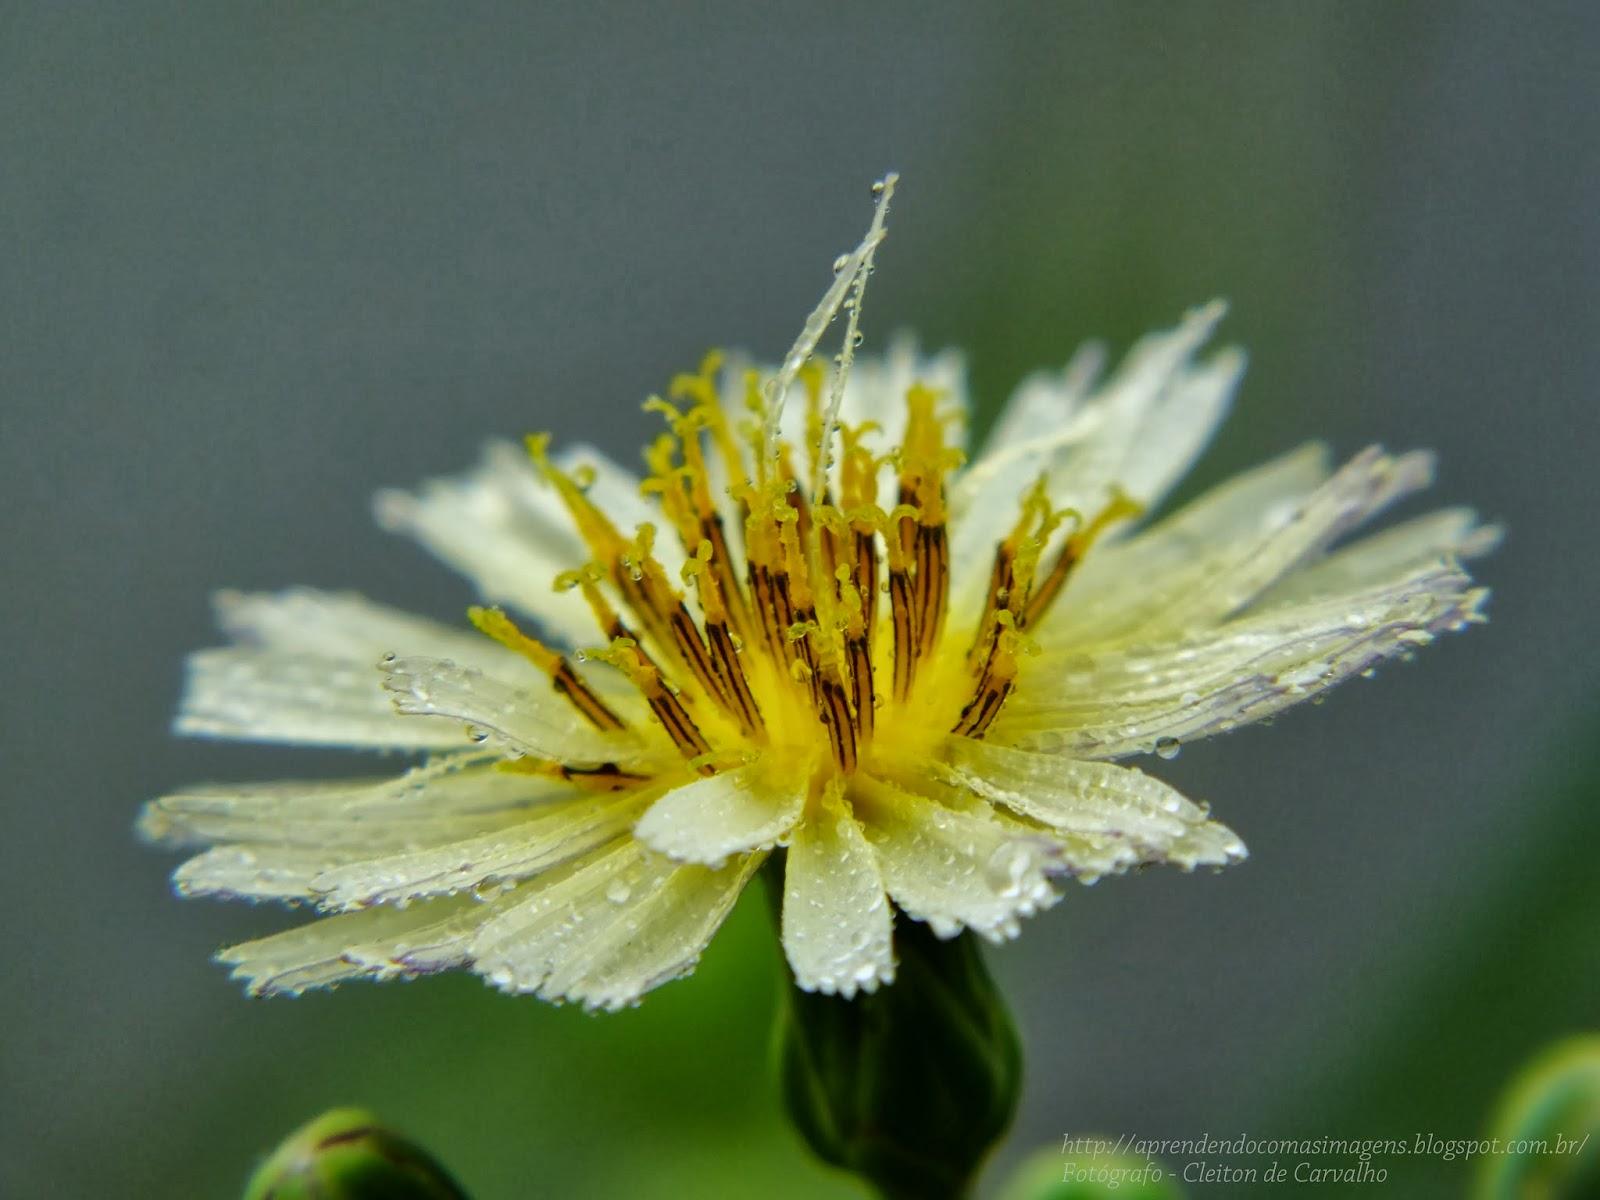 http://aprendendocomasimagens.blogspot.com/2013/09/minha-humilde-sede-de-viver.htmlTu me cuidas com carinho, mas não me admiras. Tu aprecias meu sabor e meu aroma, mas não me contemplas. Tu me eternizas quando em momento das flores, eu doo aos seus olhos, um simples florescer na minha humilde sede de viver...